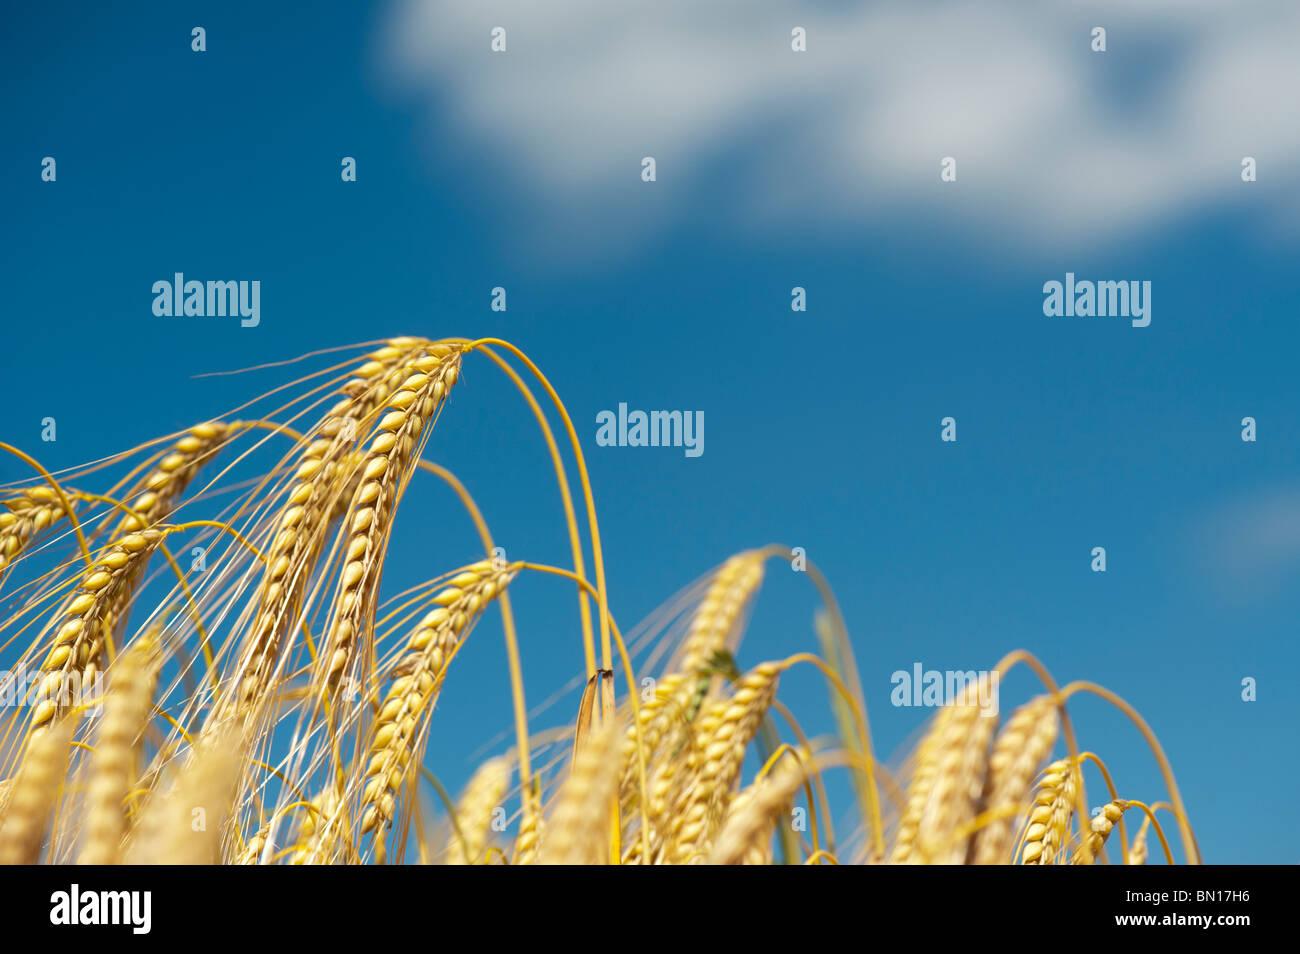 Hordeum vulgare. La maturation de la récolte d'orge dans un champs contre un ciel bleu Photo Stock